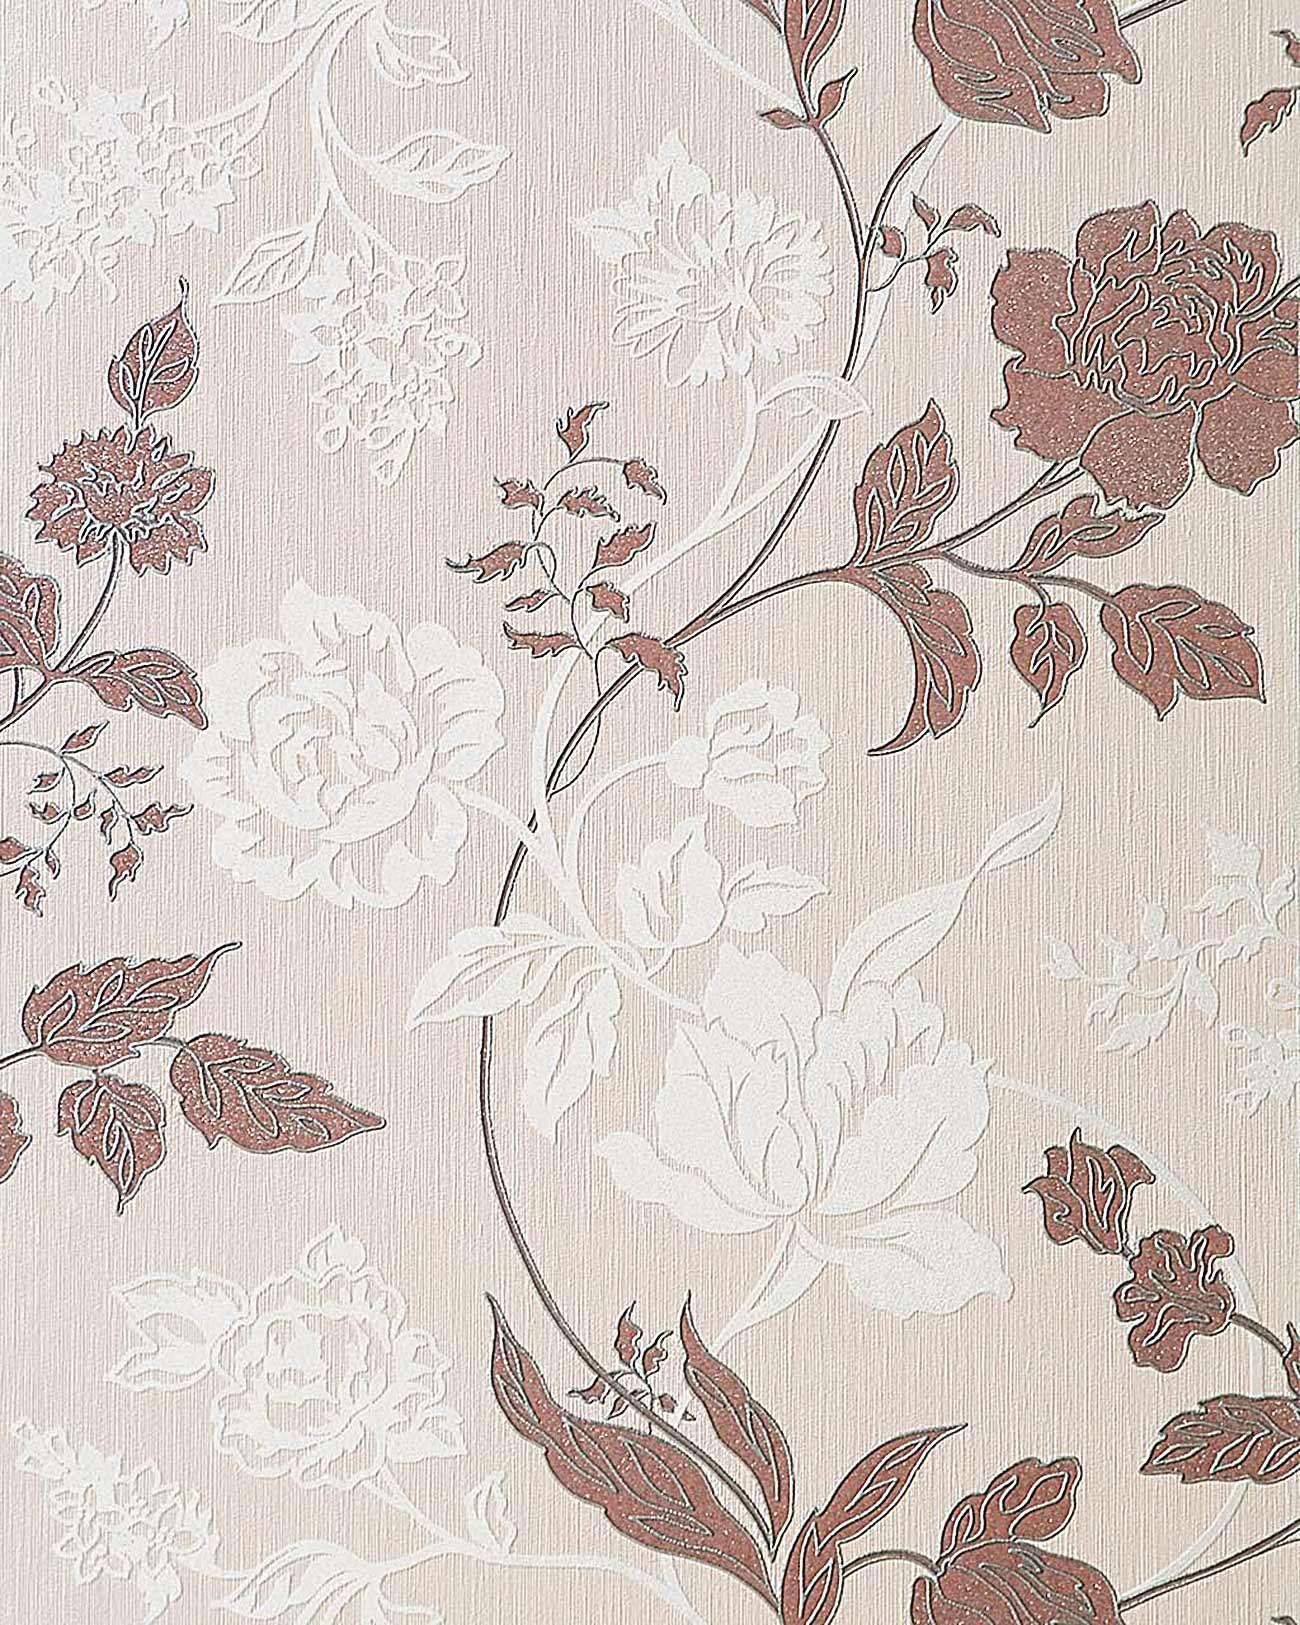 Carta da parati a fiori edem 116 23 floreale in crema for Carta parati fiori